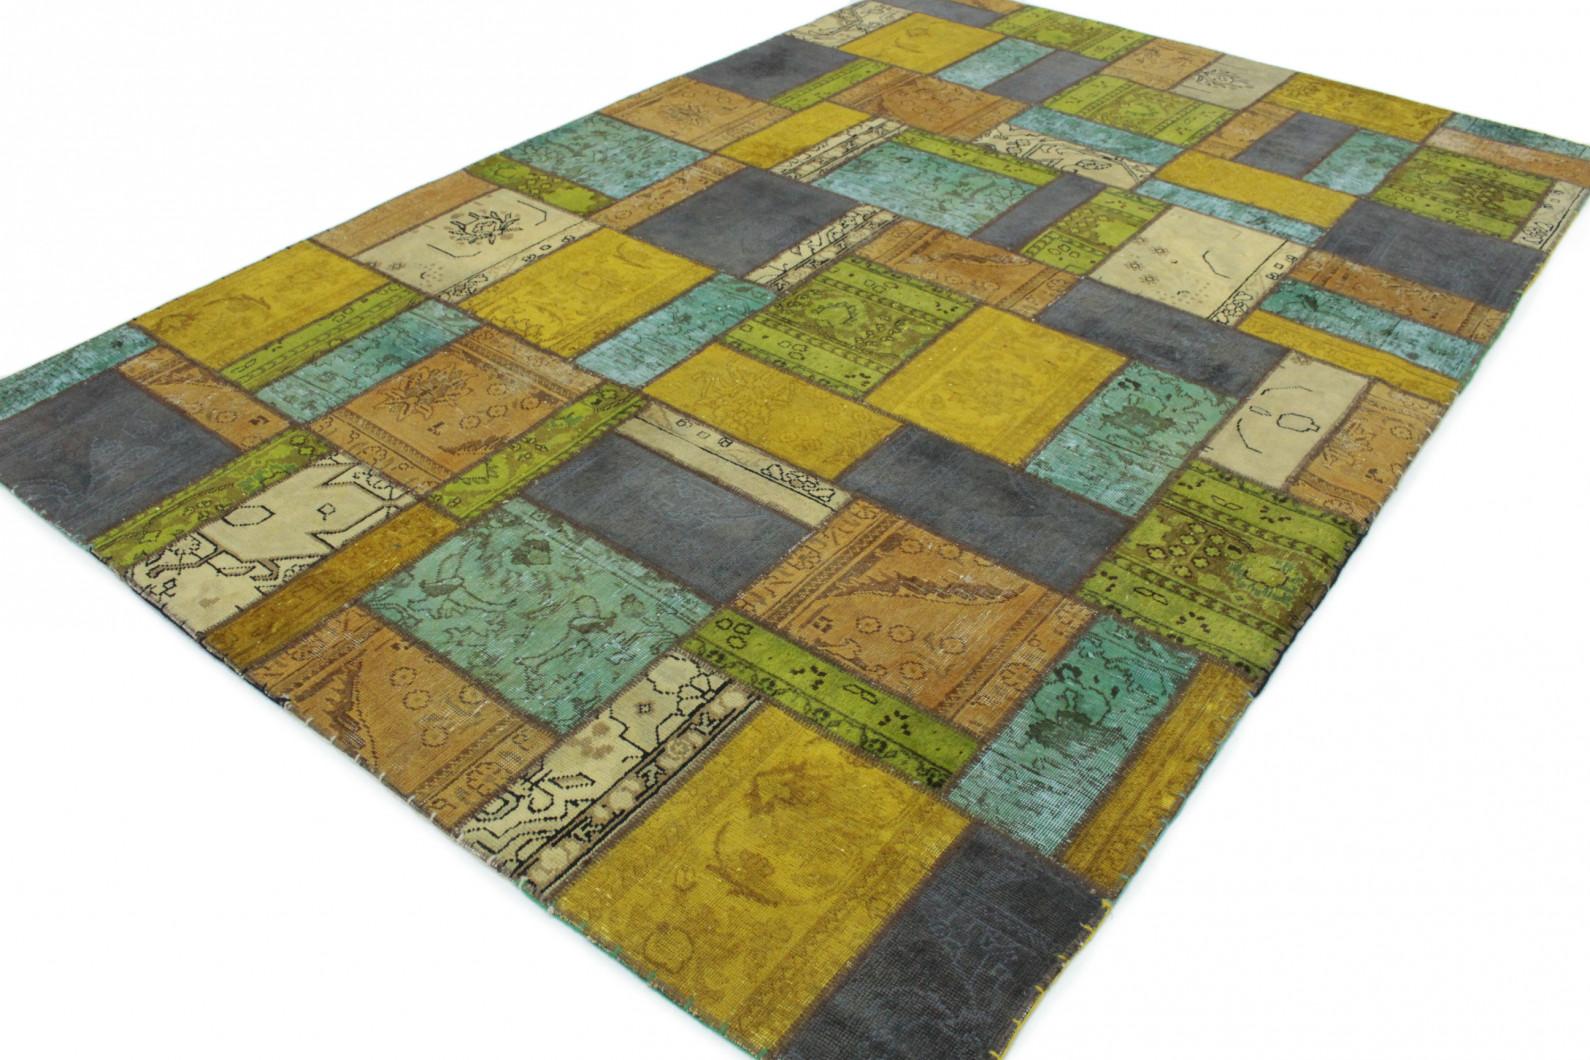 teppich 300 x 200 full size of teppich x blau x teppiche laufer a x modern in with teppich 300. Black Bedroom Furniture Sets. Home Design Ideas